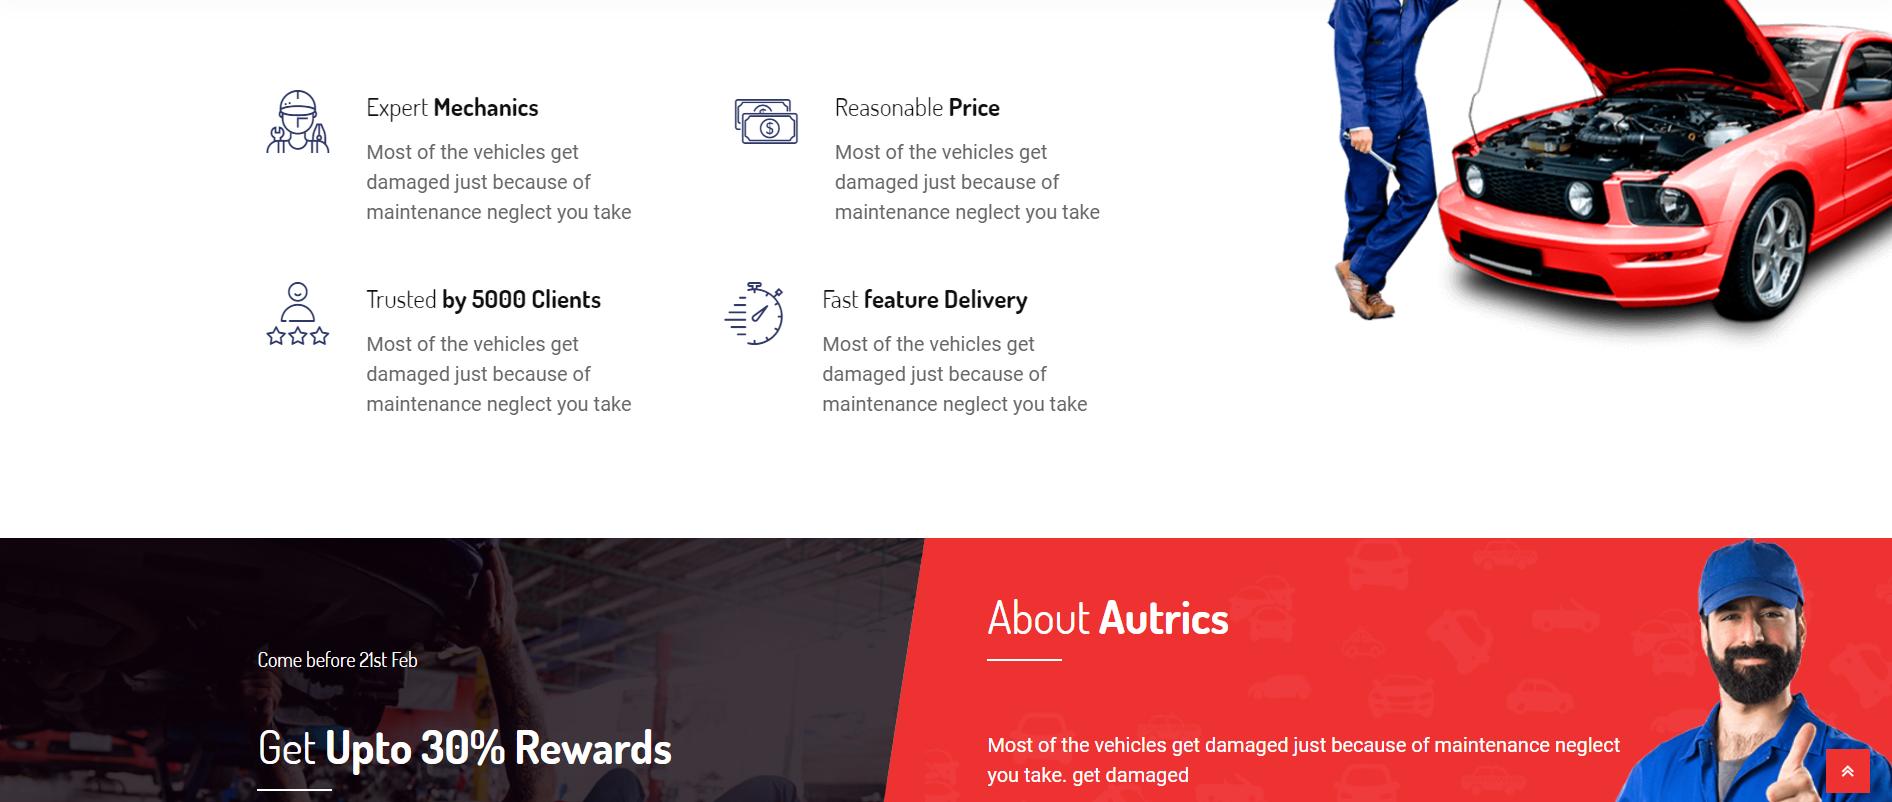 Autrics-汽车服务和汽车修理工WordPress主题